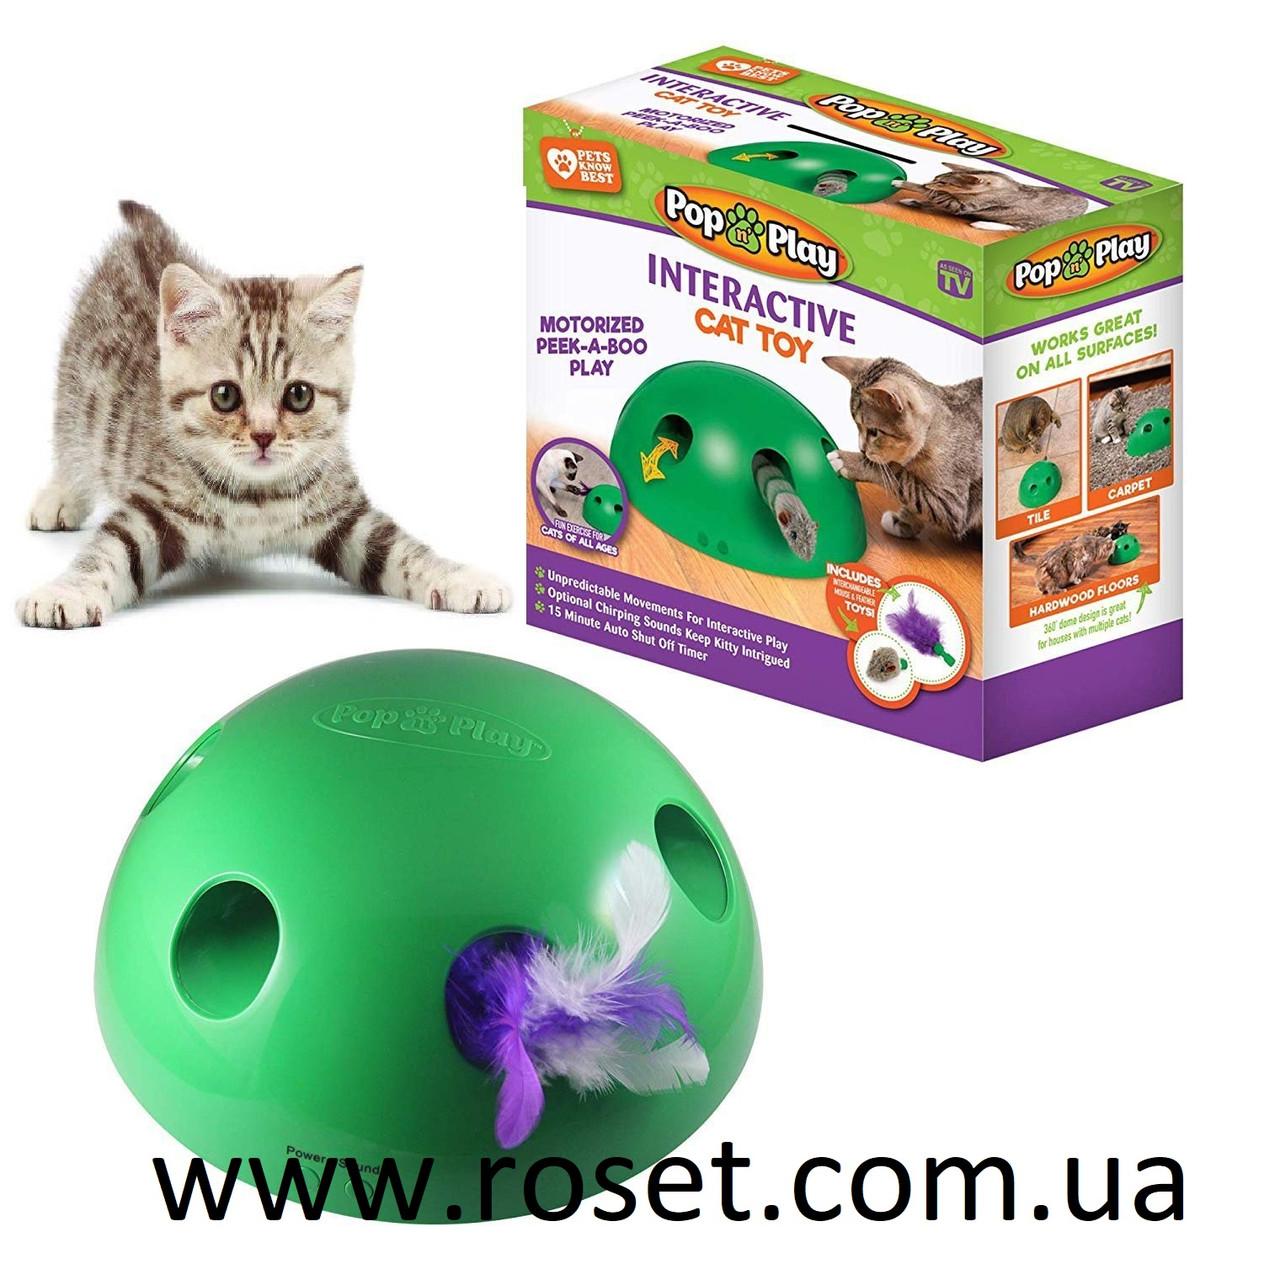 Игрушка для кошек - интерактивный игрушечный мяч Pop N' Play